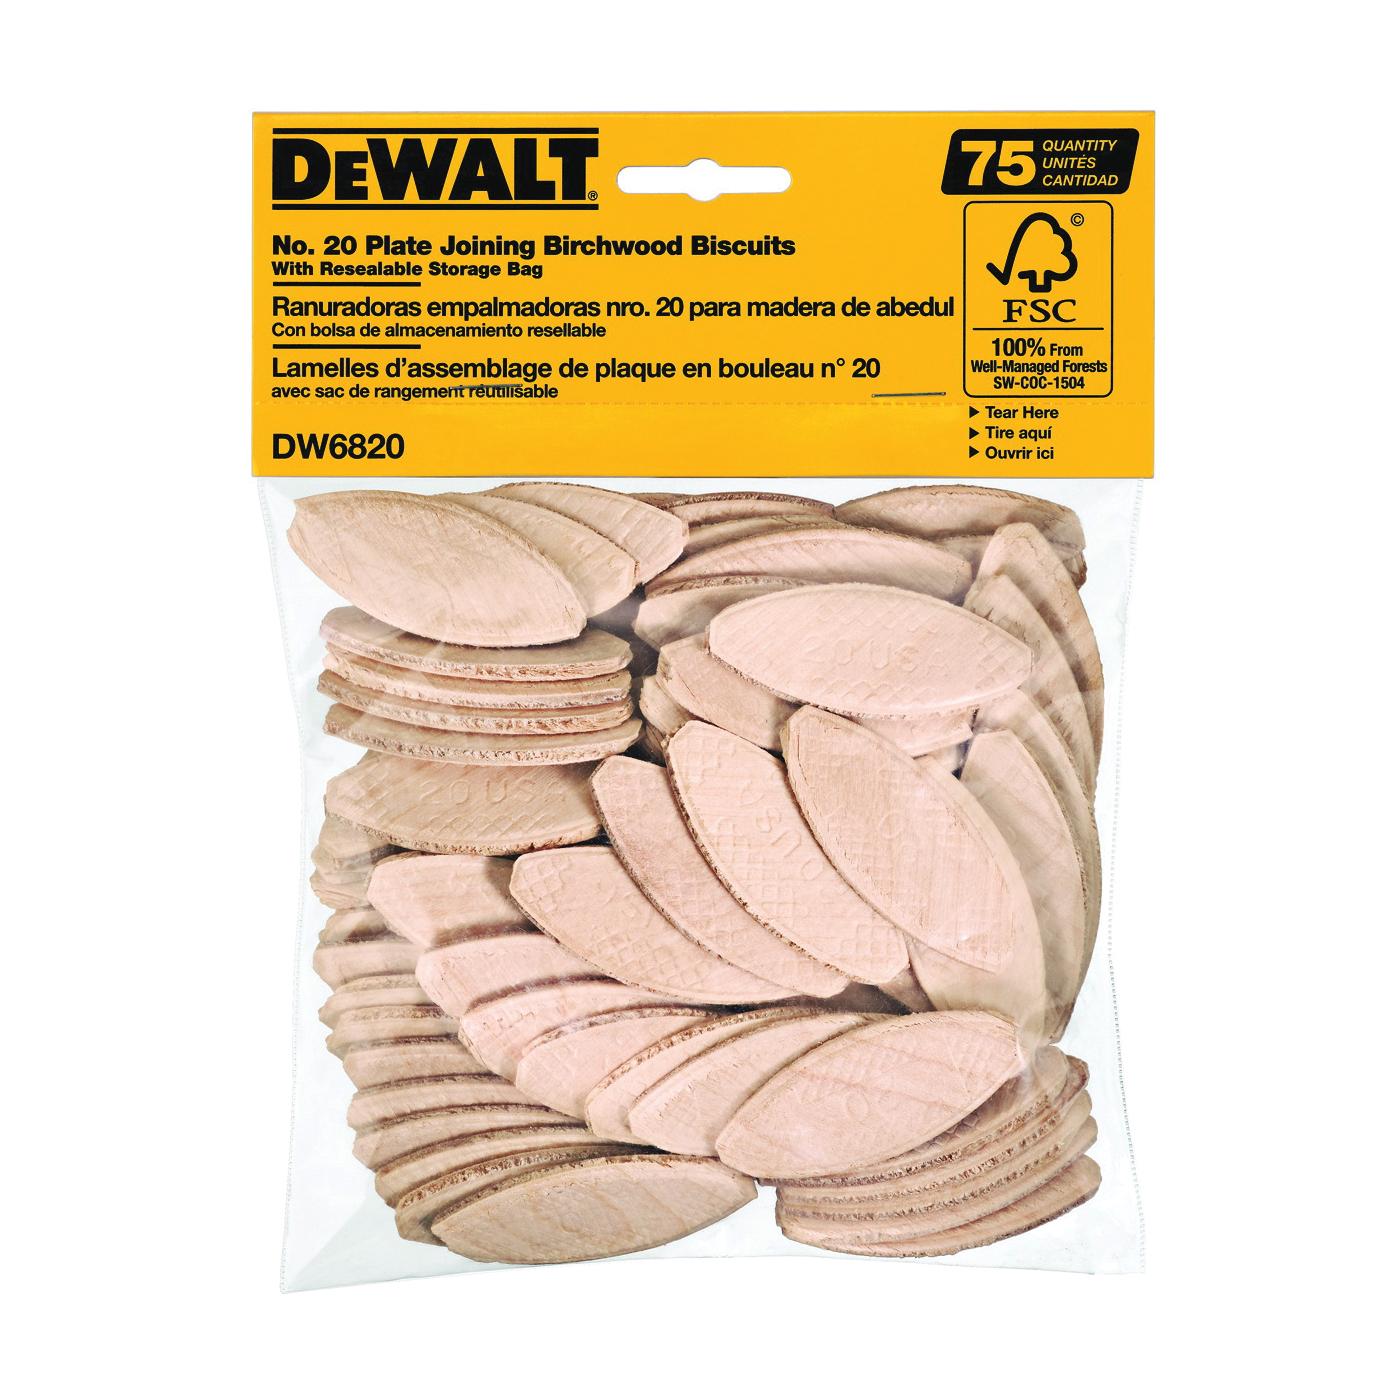 DeWALT DW6820